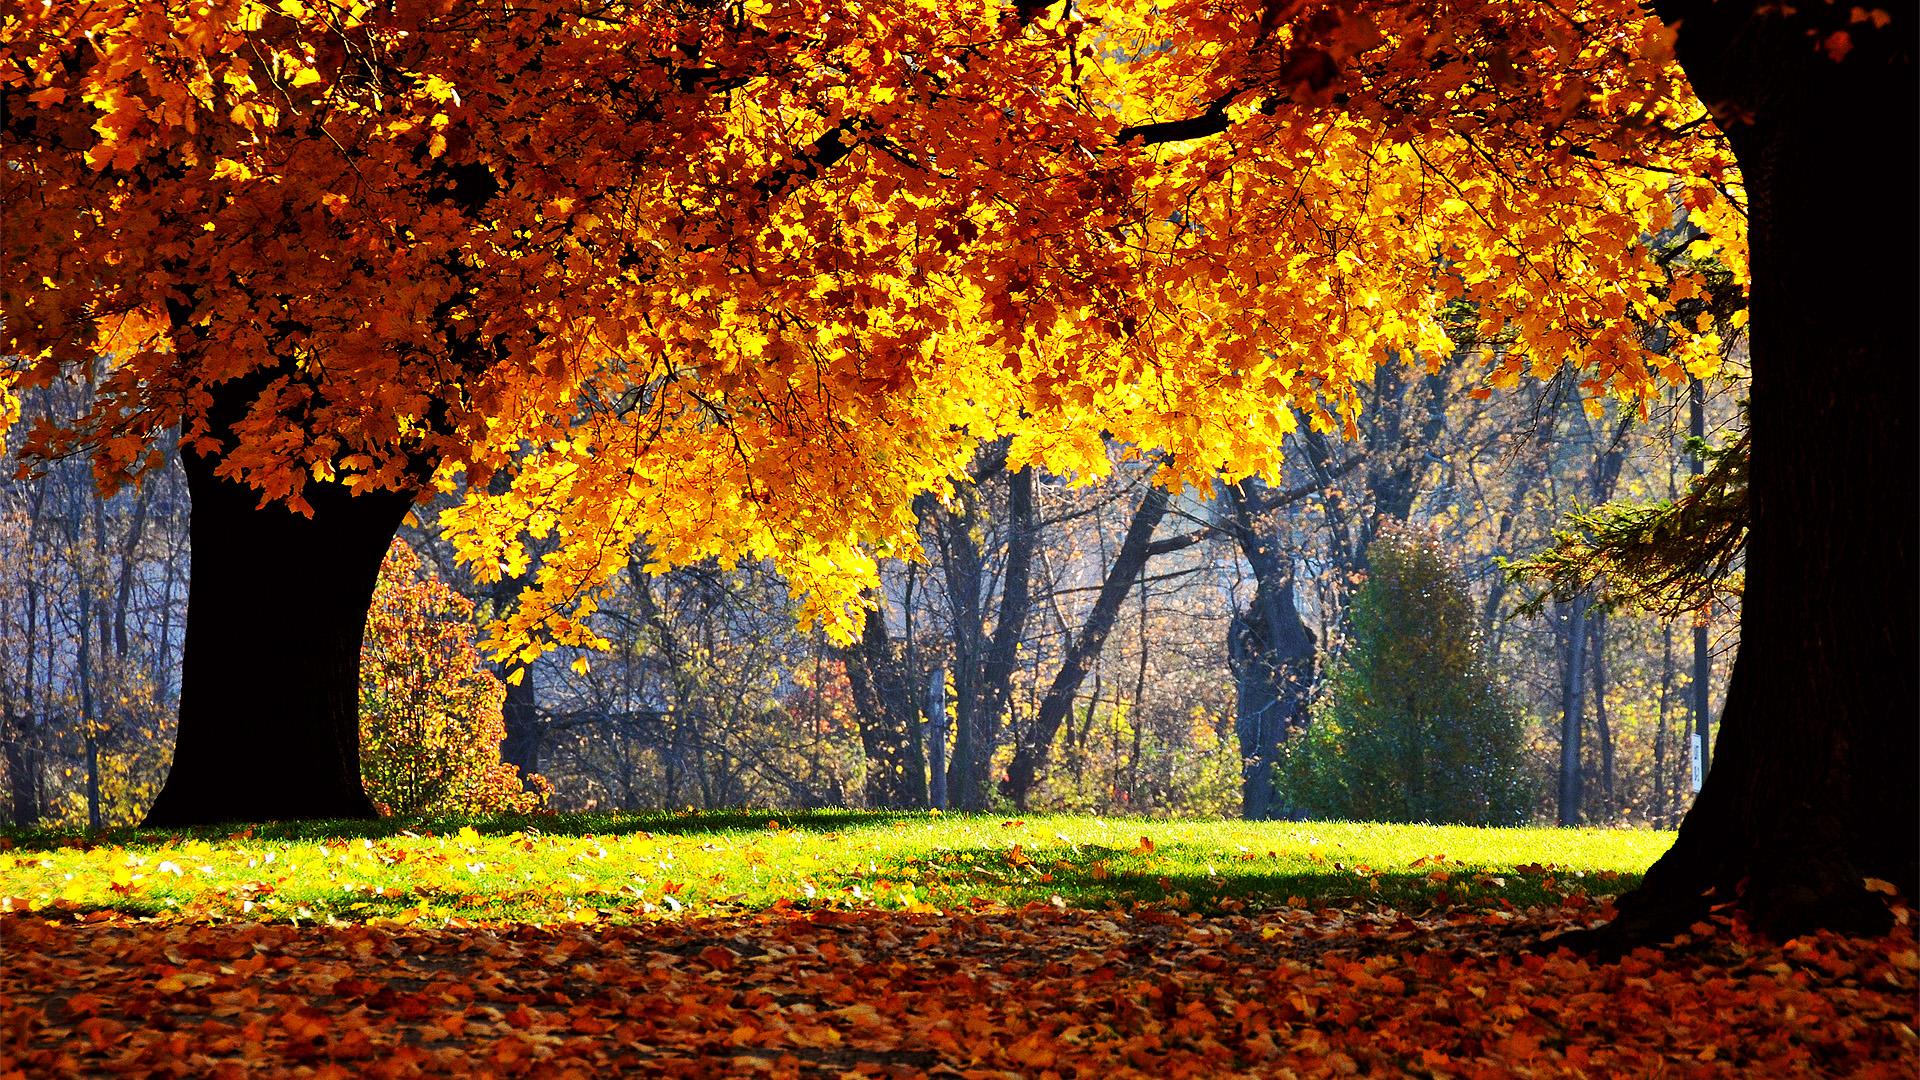 Sfondi hd natura bosco in autunno sfondi hd gratis for Sfondi autunno hd